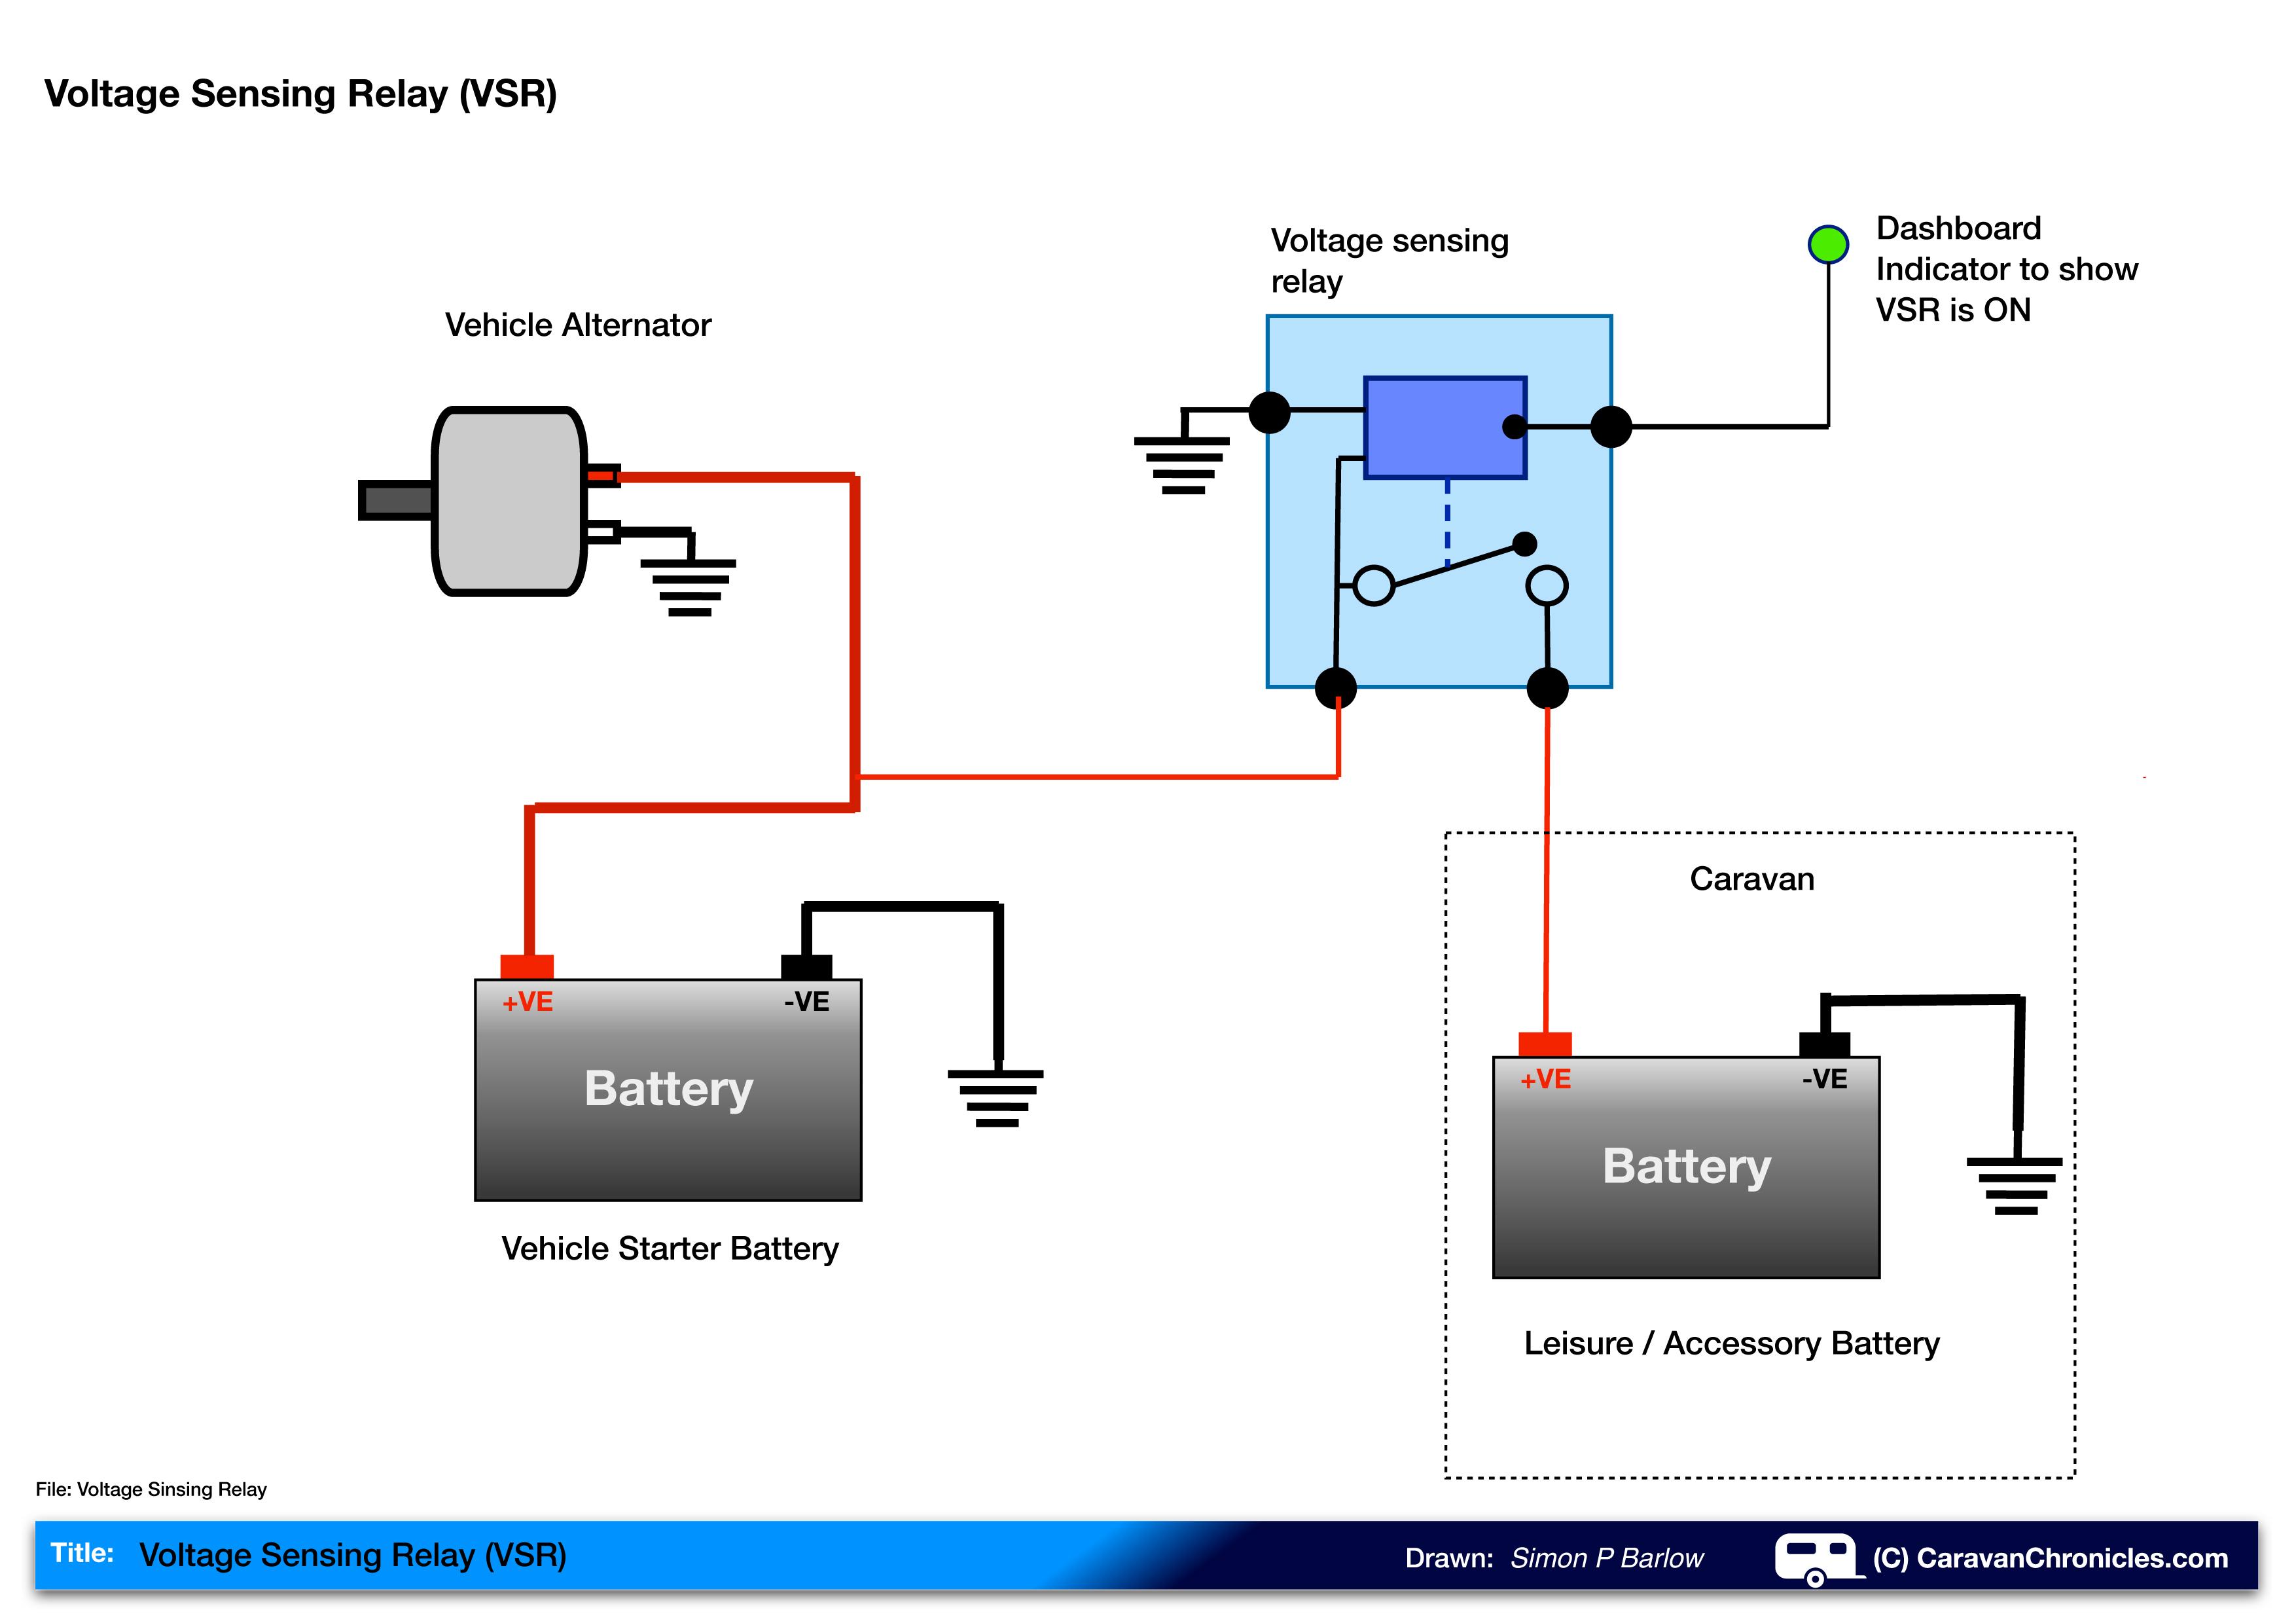 voltage sensing relay vsr?quality\\\=80\\\&strip\\\=all pioneer avh pioneer avh p4200dvd wiring diagram 1 on pioneer pioneer avh p4200dvd wiring diagram at readyjetset.co